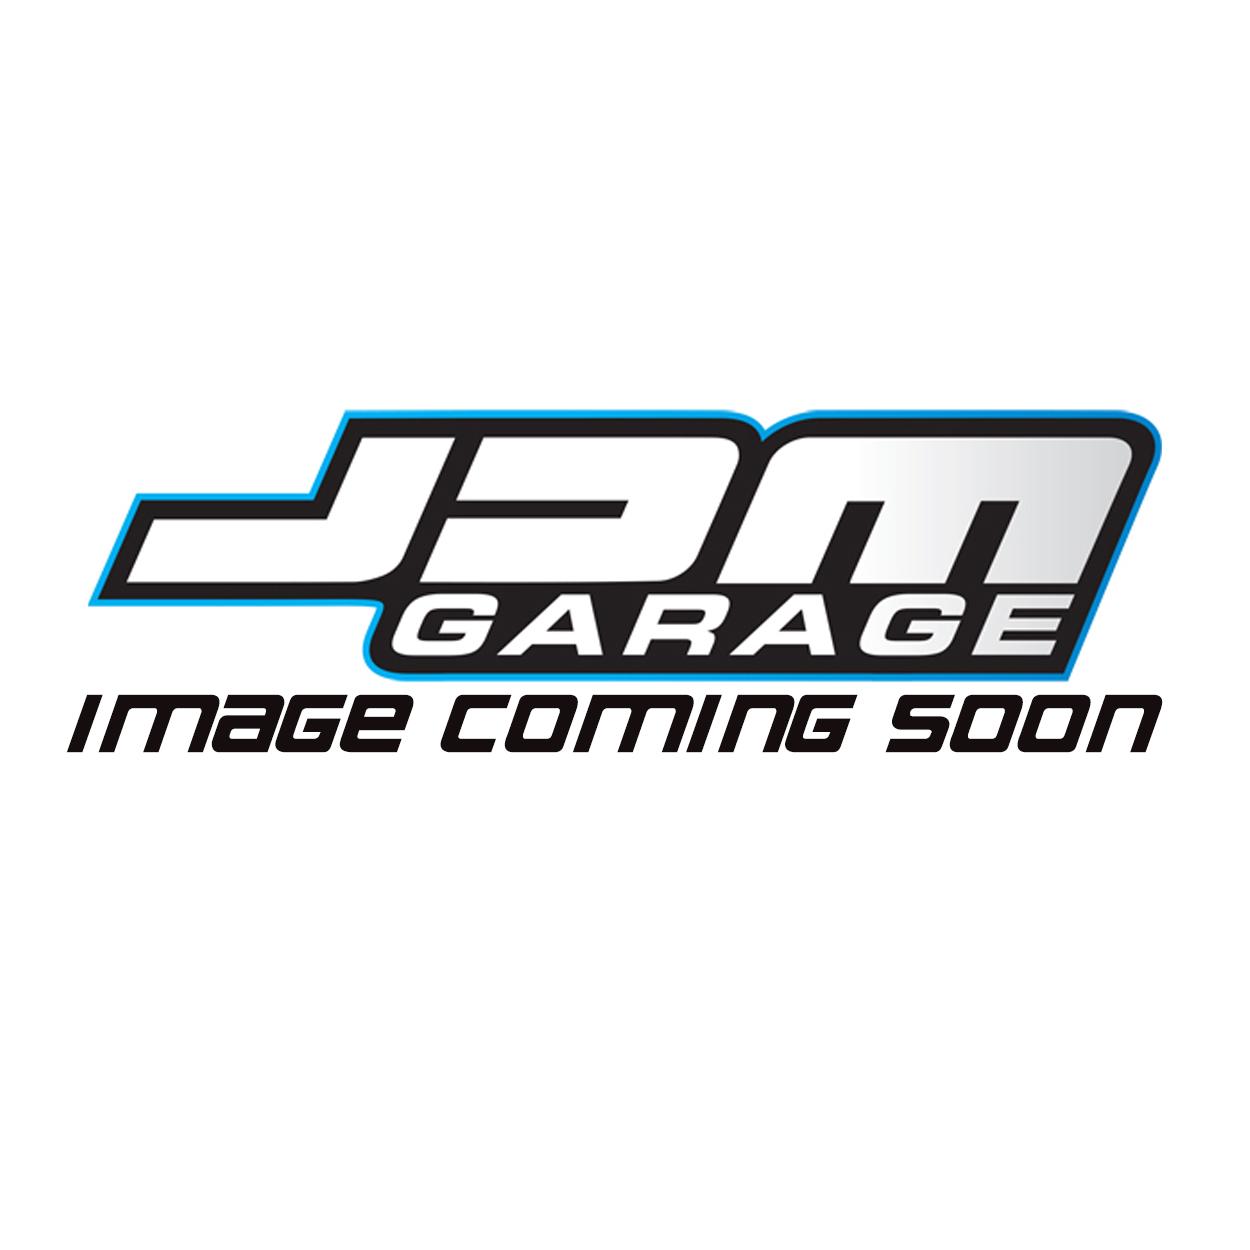 JDM Garage Manifolds - S14 S15 SR20DET - Low Mount Position